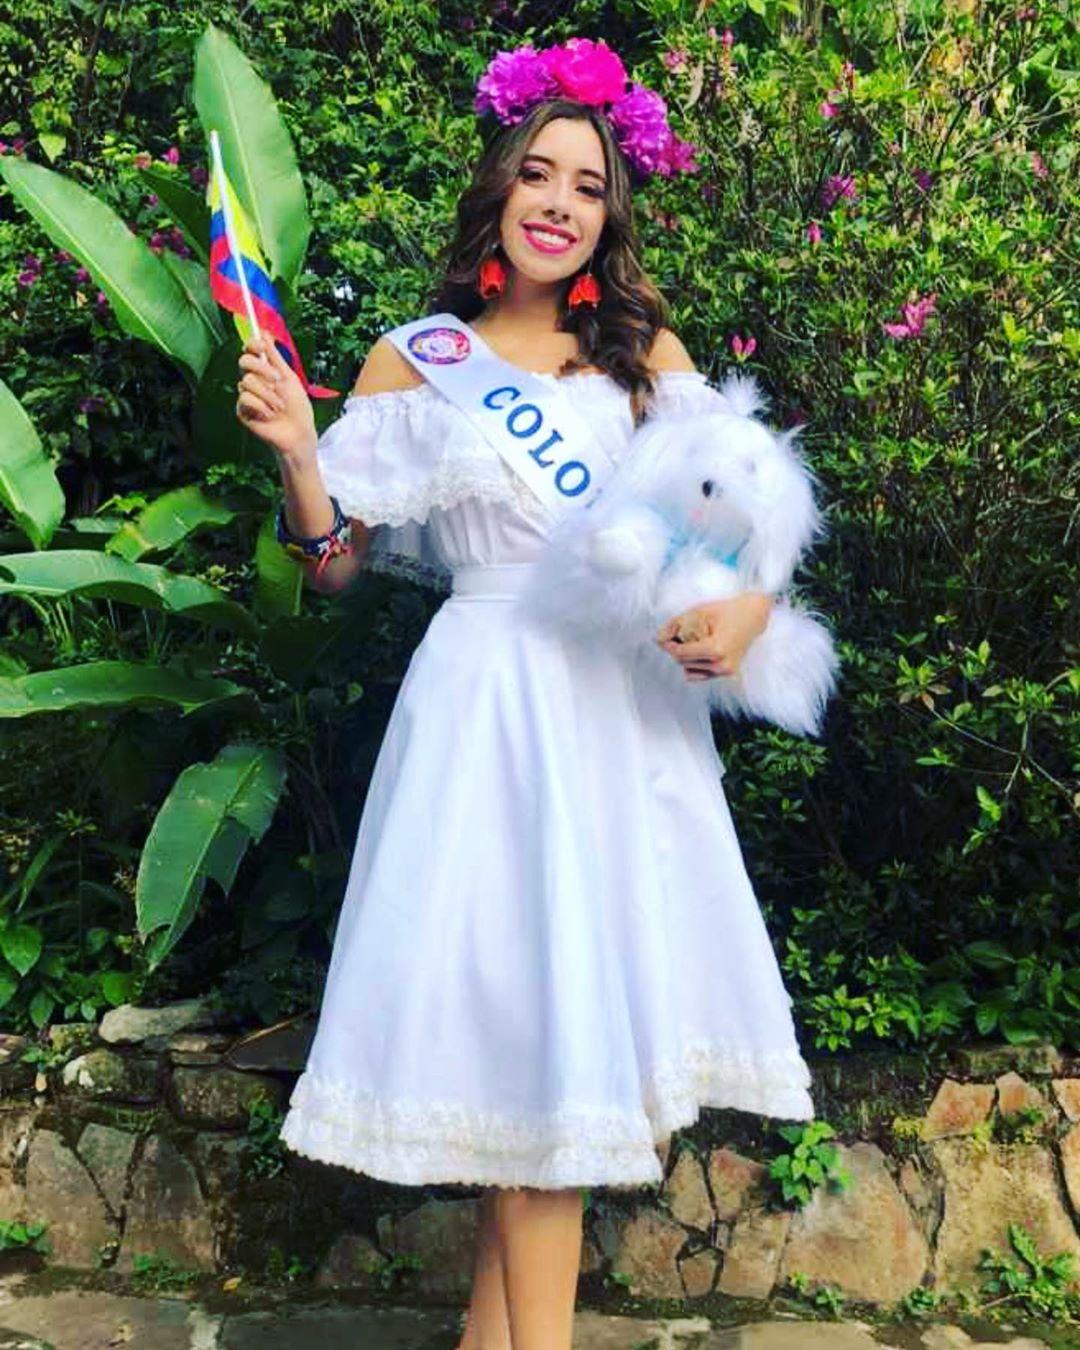 maya mejia ospina, miss teen mundial colombia 2019. - Página 2 61070210